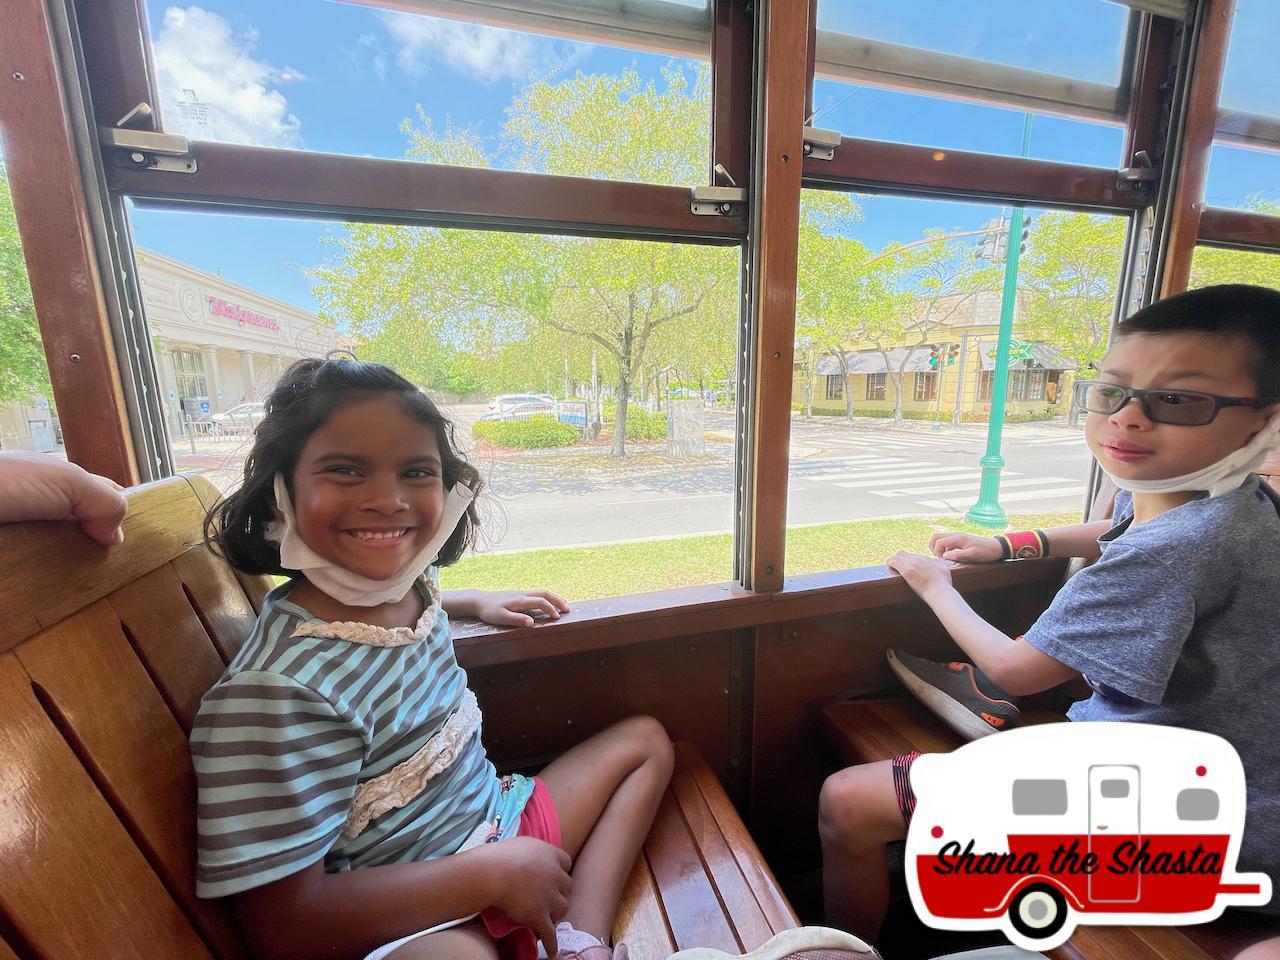 Open-Windows-on-Trolley-in-New-Orleans